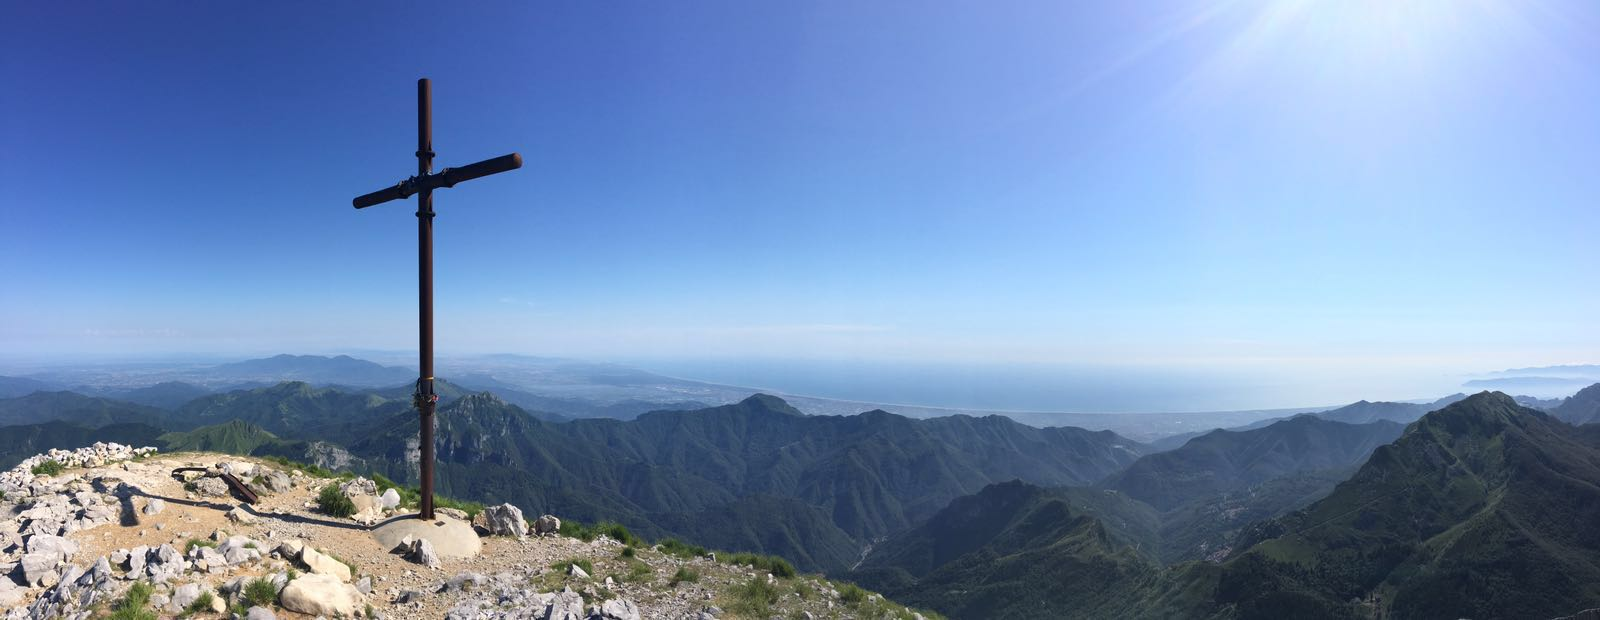 Panaroma dal Monte Pania della Croce